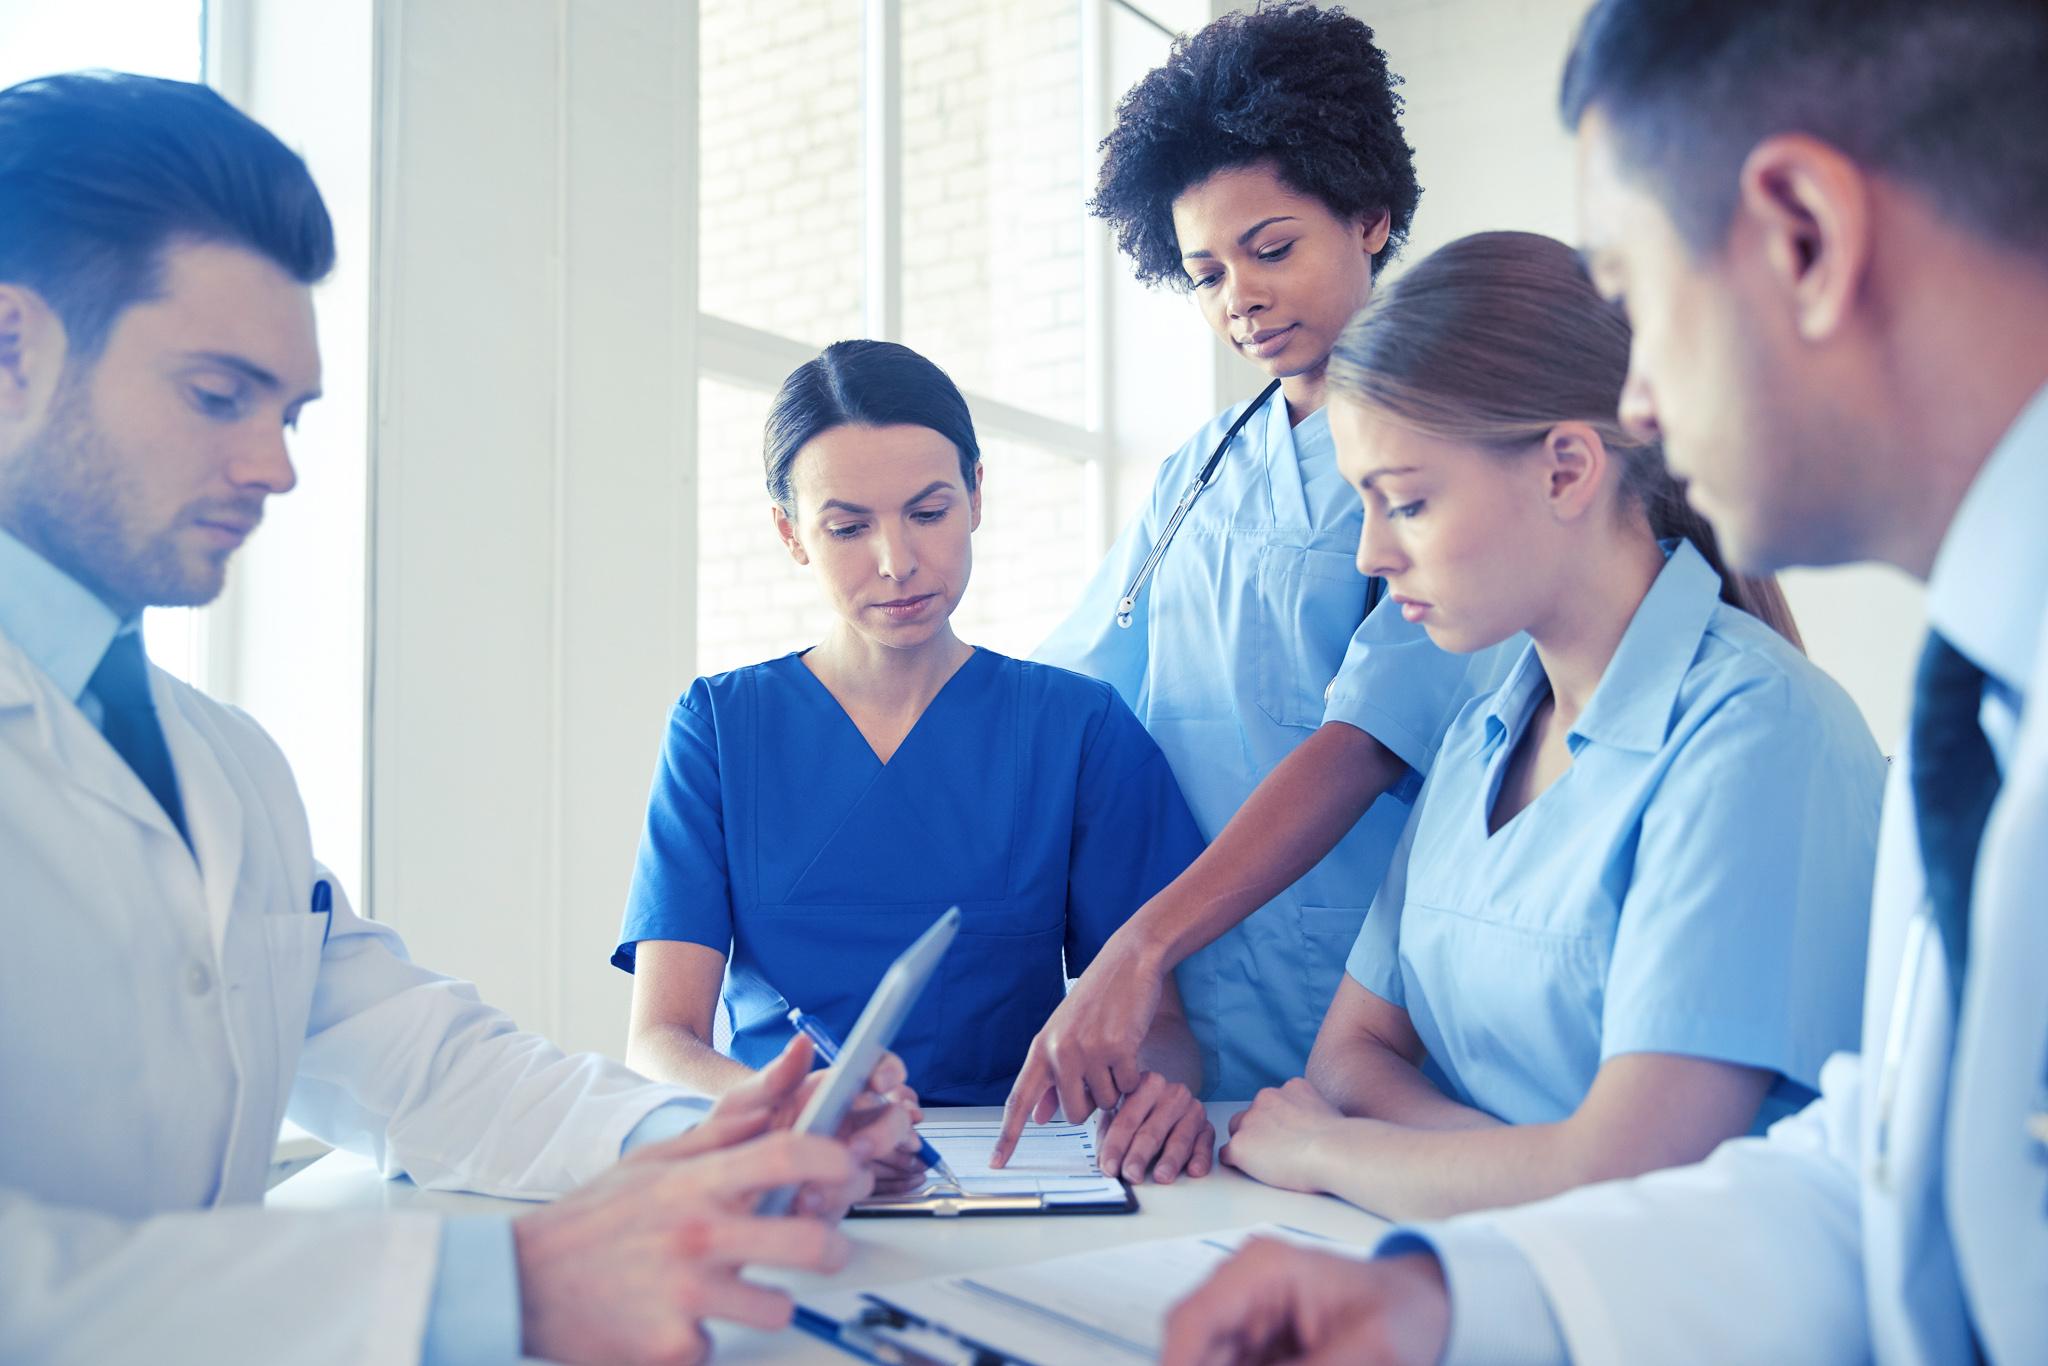 Preceptoria para os cursos da saúde